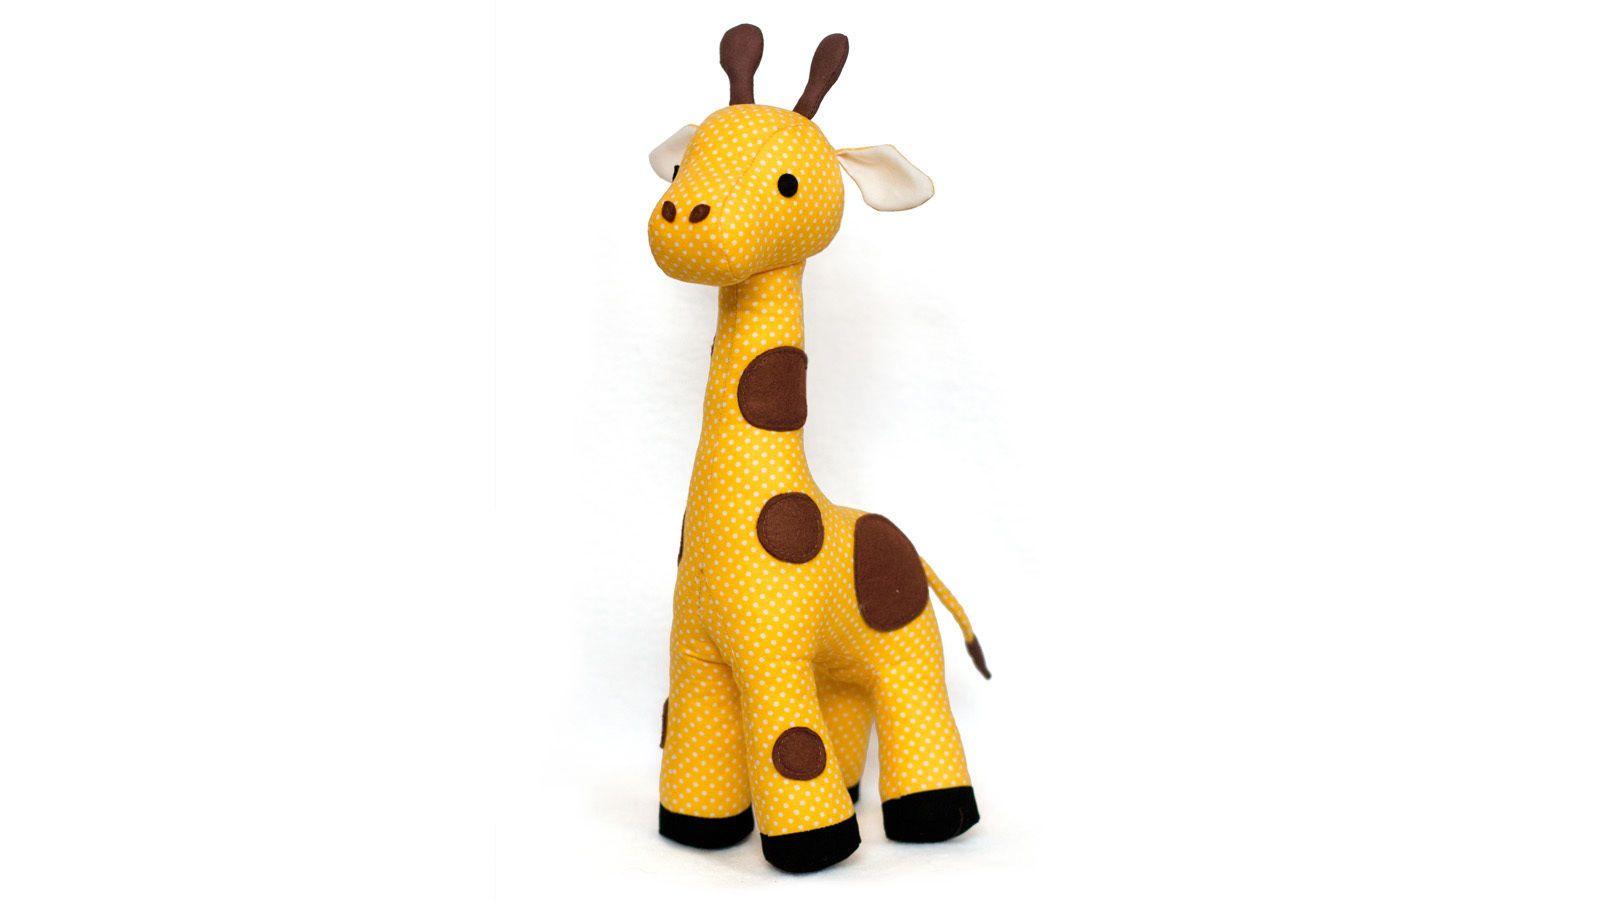 Nähanleitung und Schnittmuster Stofftier Giraffe | Pinterest ...